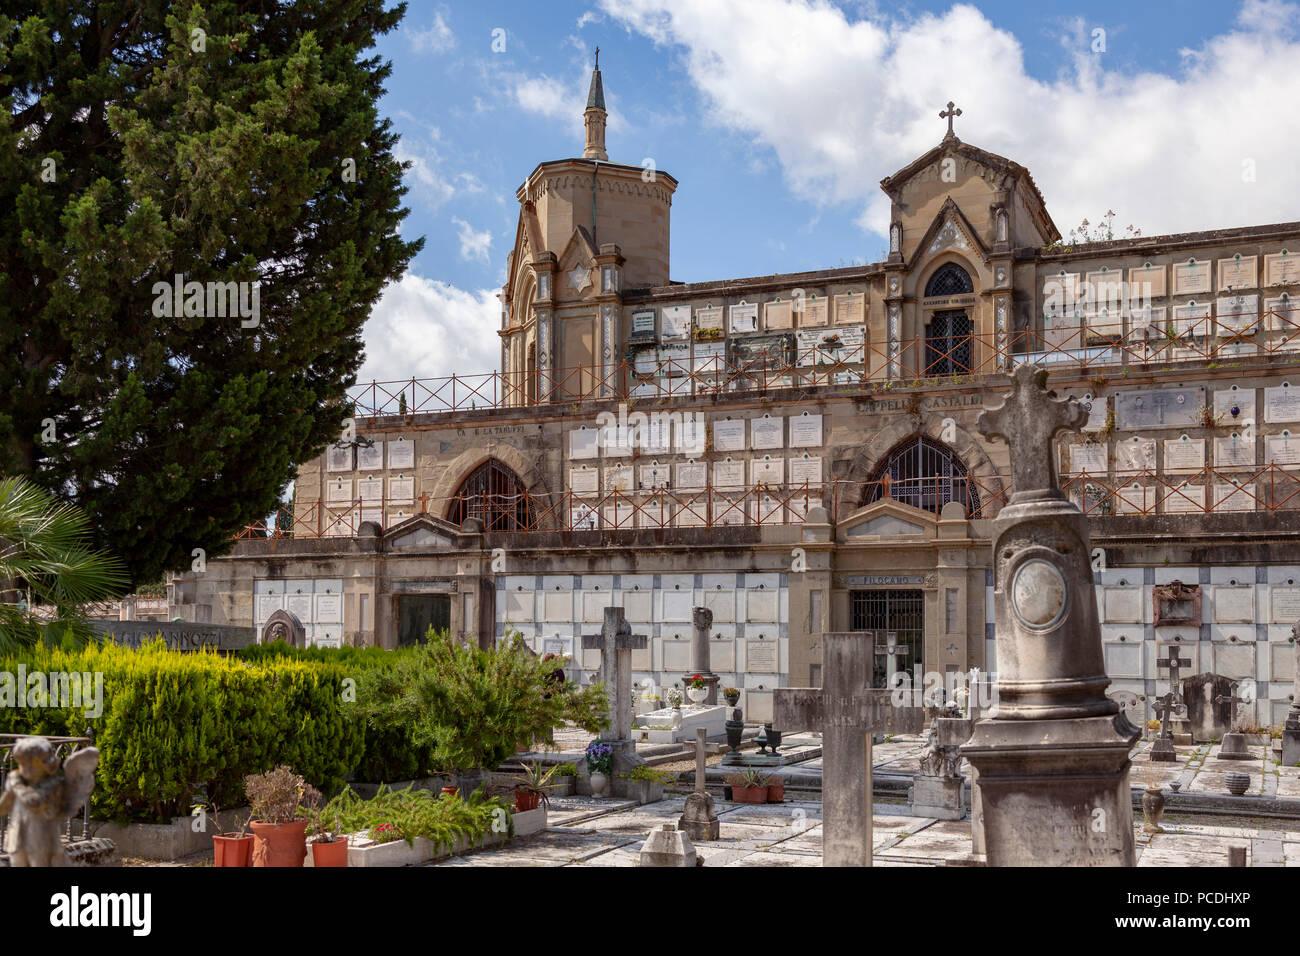 El precioso cementerio que rodea la iglesia de San Miniato al Monte, en Florencia (Toscana, Italia). Foto de stock